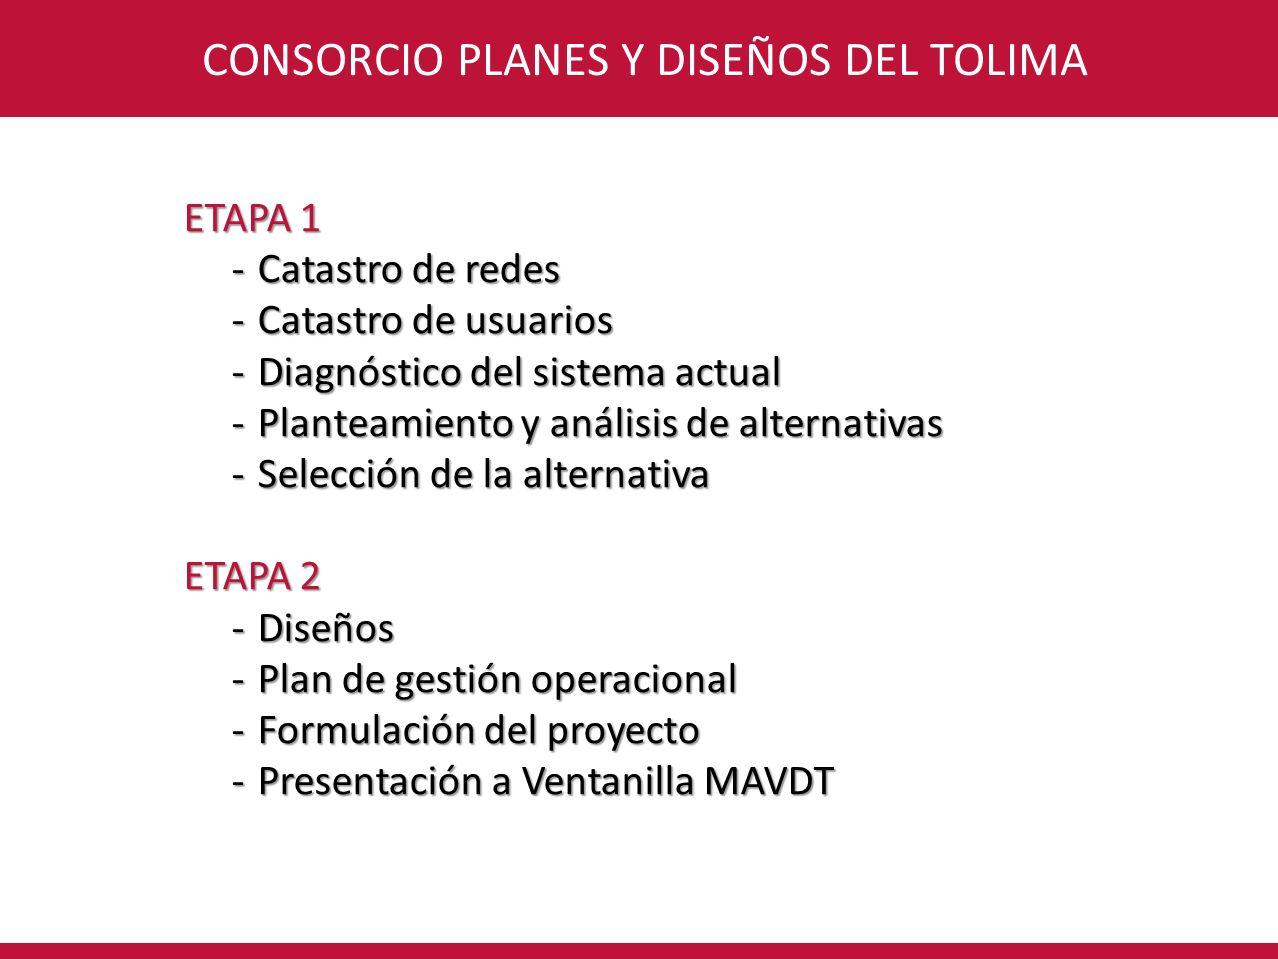 CONSORCIO INTERVENTORÍA POR UN NUEVO VALLE ETAPA 1 - DIAGNÓSTICO METAS - SERVICIO DE ACUEDUCTO COBERTURA DEL SERVICIO (100% DE LOS USUARIOS DEL MUNICIPIO) CALIDAD (SUMINISTRO DE AGUA POTABLE) CONTINUIDAD (SUMINISTRO 24 HORAS – 7 DIAS DE LA SEMANA) ÍNDICE DE AGUA NO CONTABILIZADA (PERDIDAS NO DEBEN SUPERAR EL 25% DEL AGUA QUE SE SUMINISTRA AL SISTEMA DE DISTRIBUCIÓN)